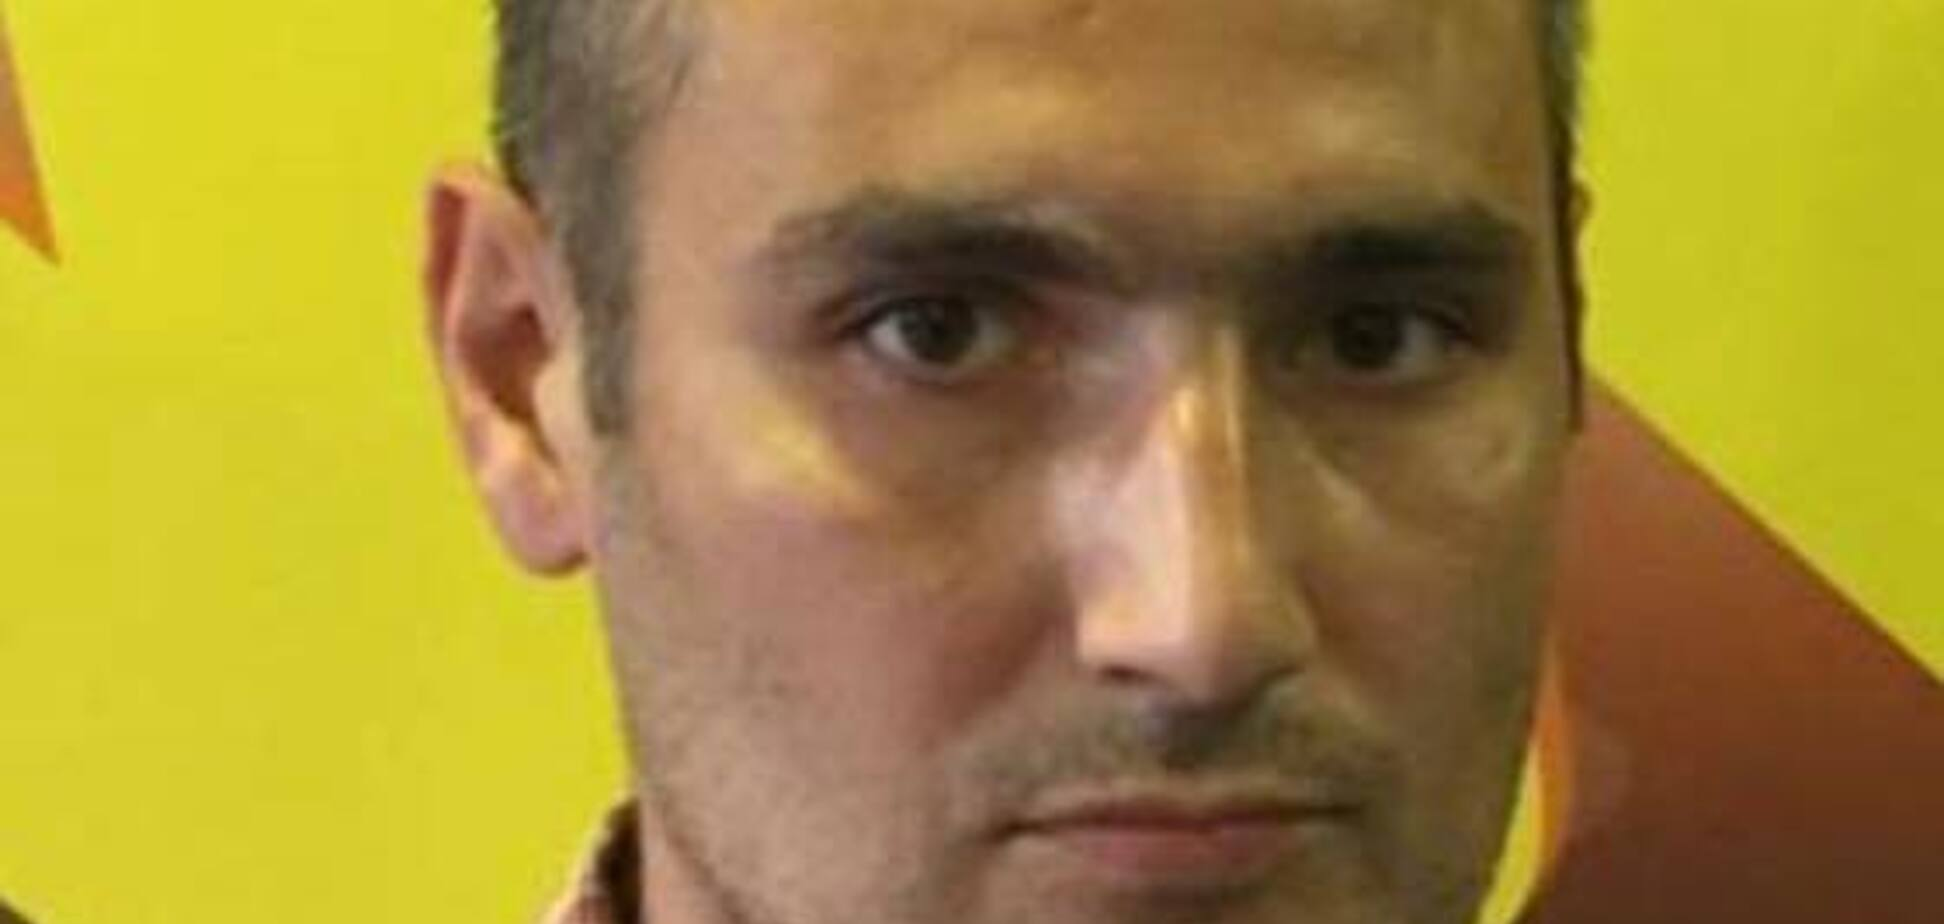 Орудував у магазинах: у Києві затримали нахабного шахрая